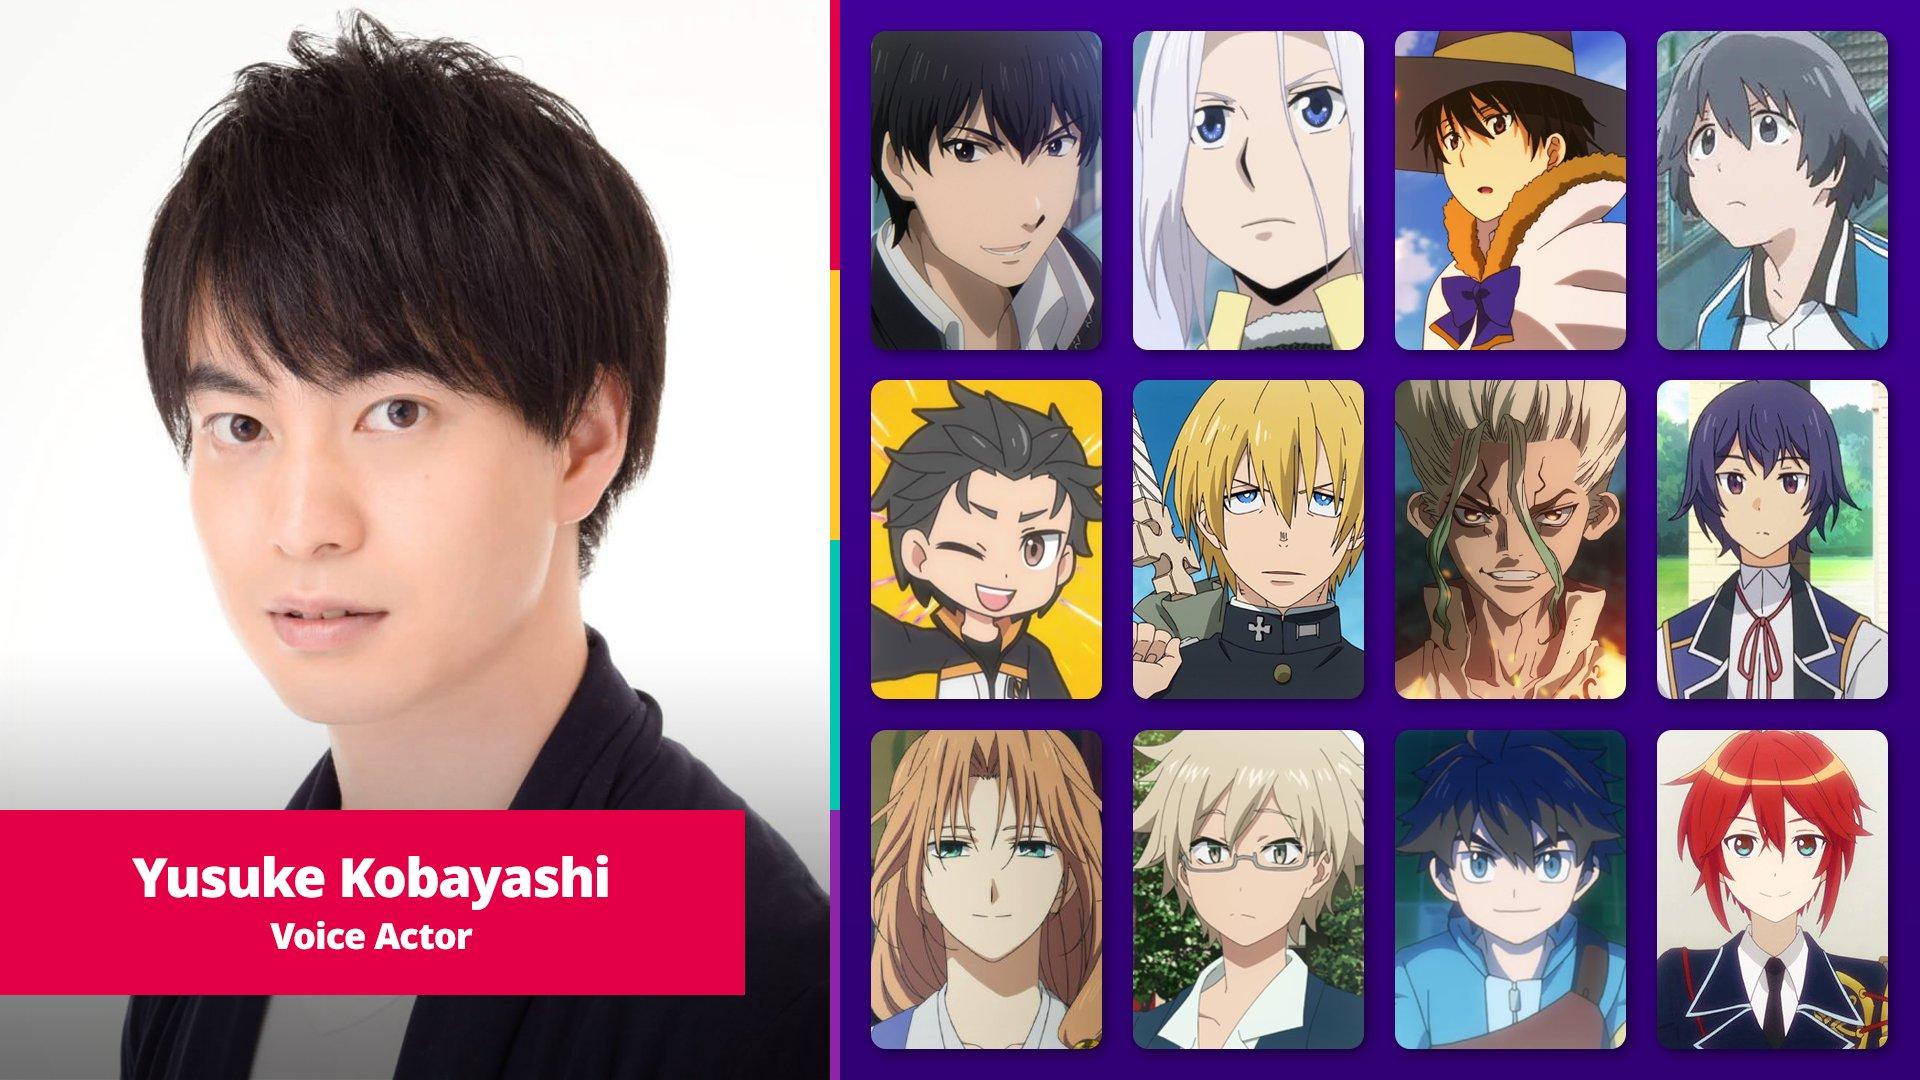 Yusuke Kobayashi and a selection of his anime roles.